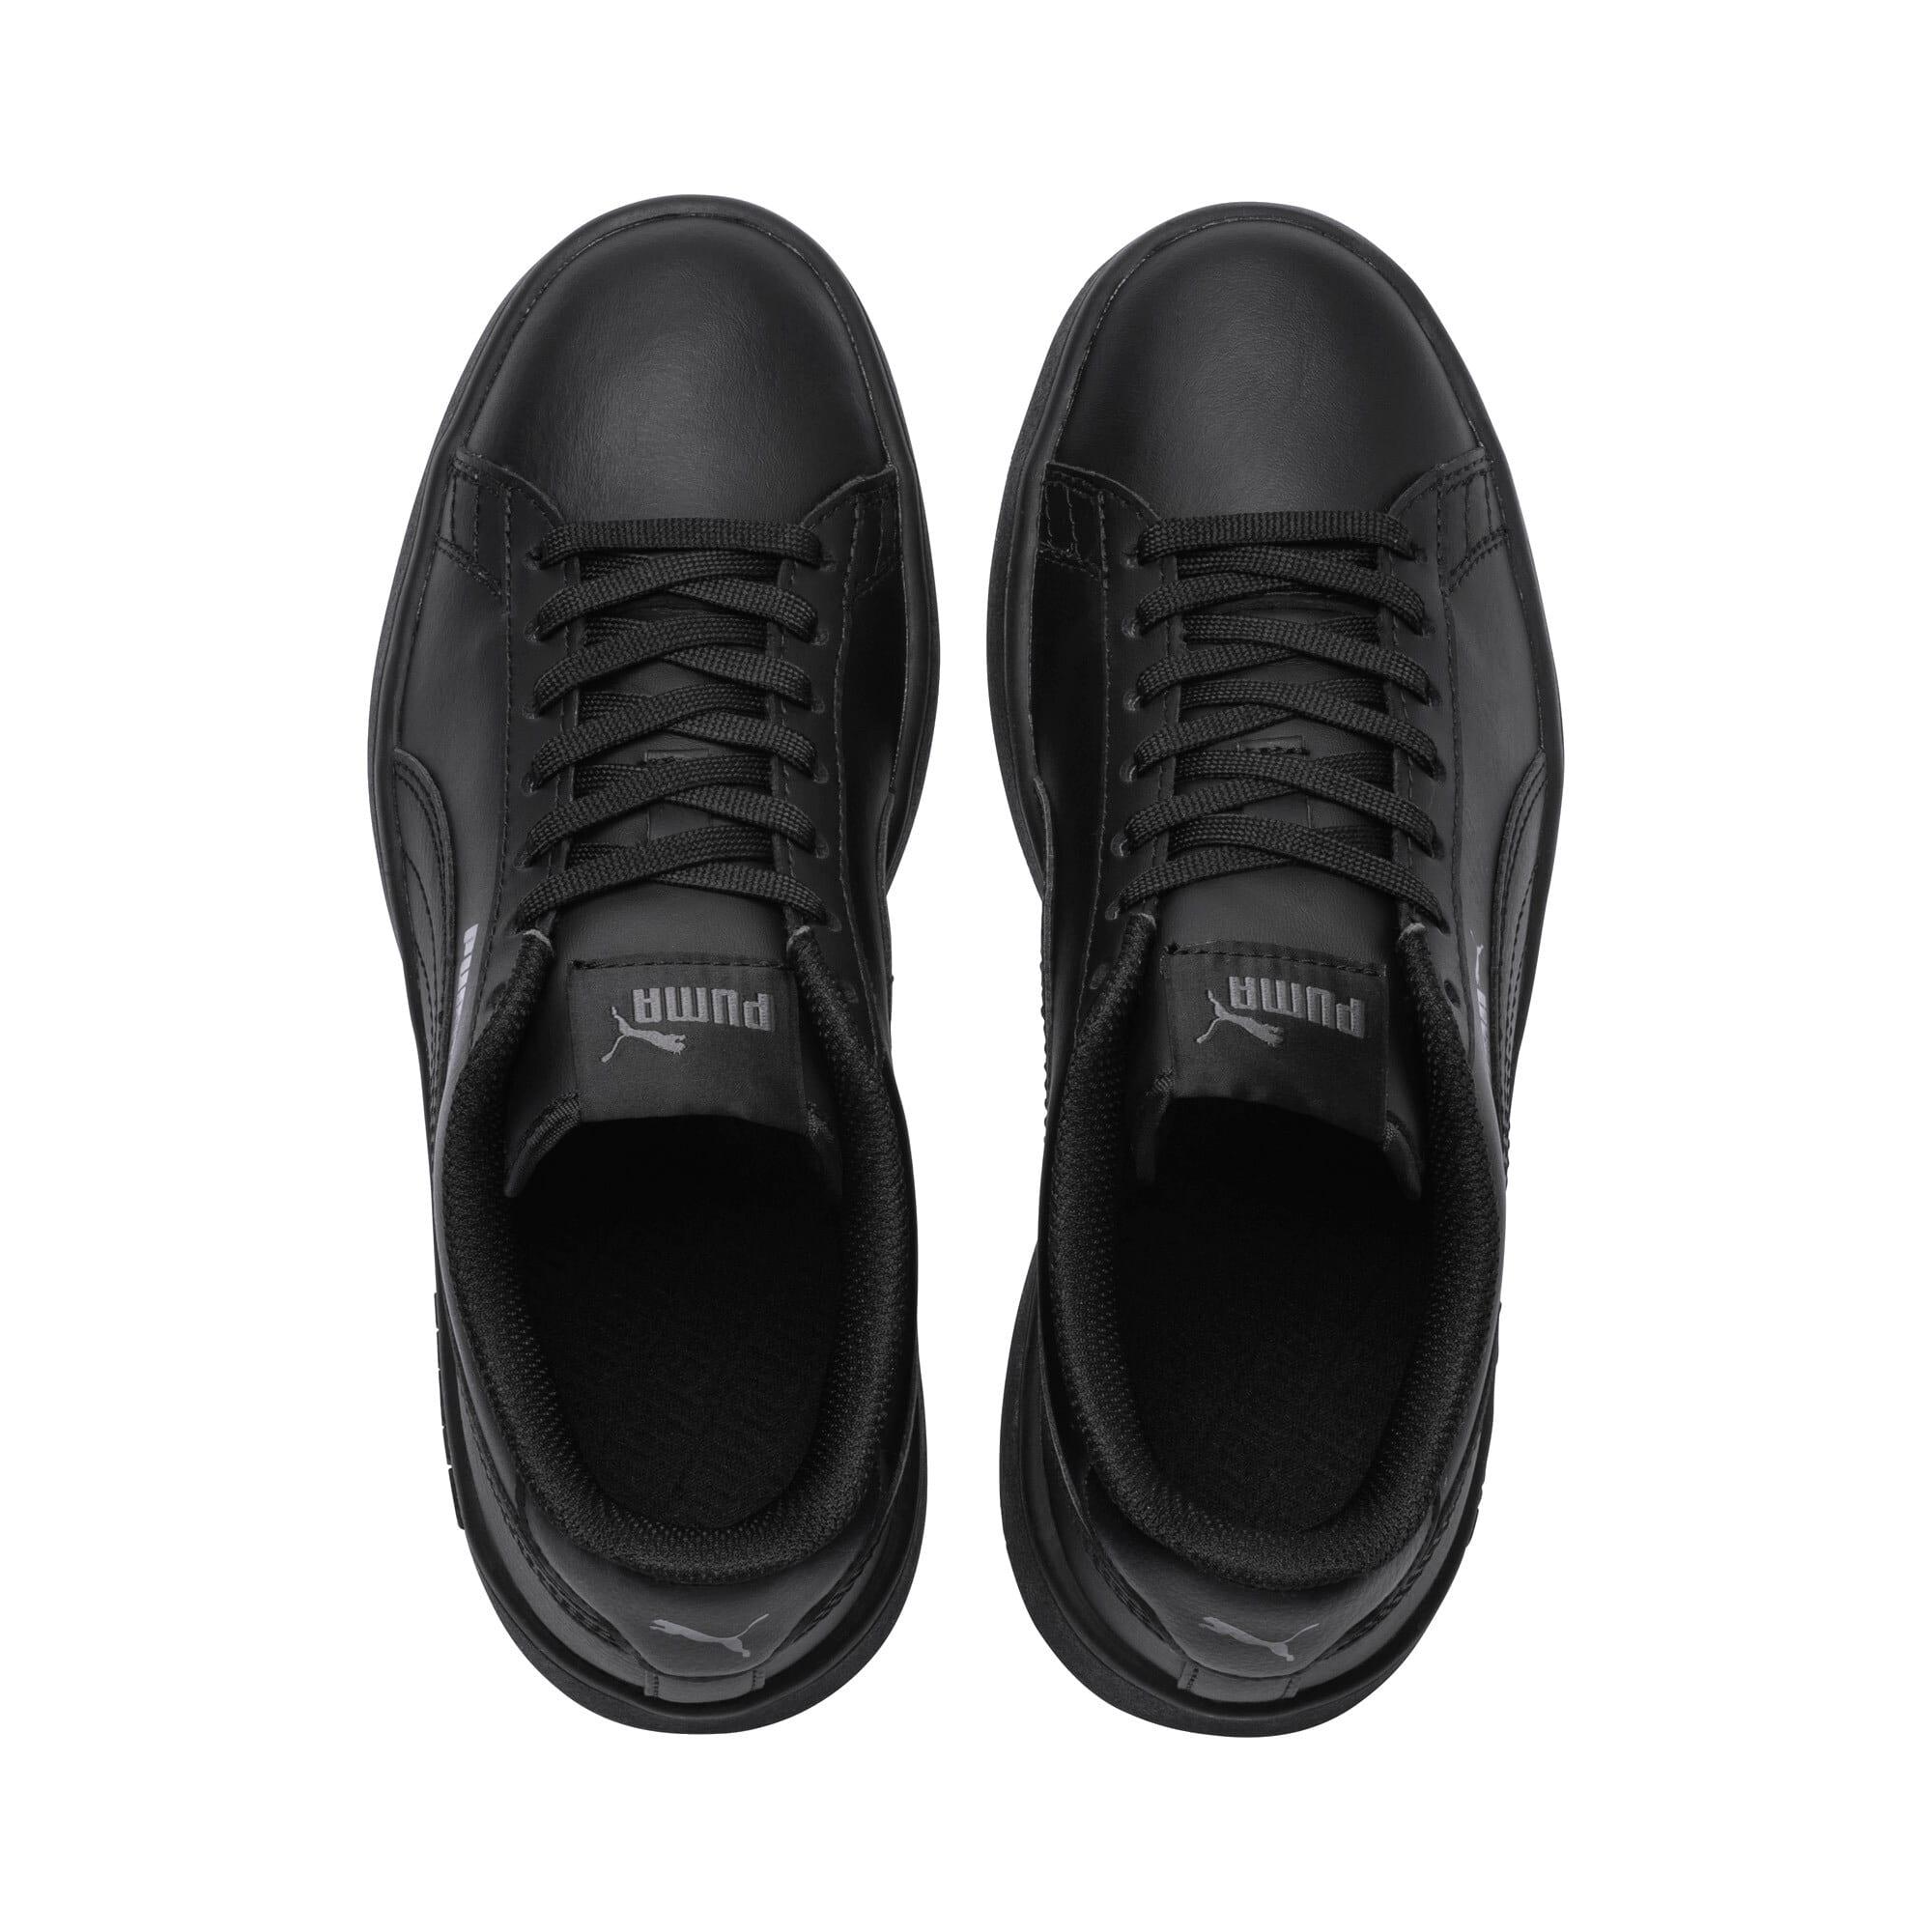 Thumbnail 6 of PUMA Smash v2 Youth Sneaker, Puma Black-Puma Black, medium